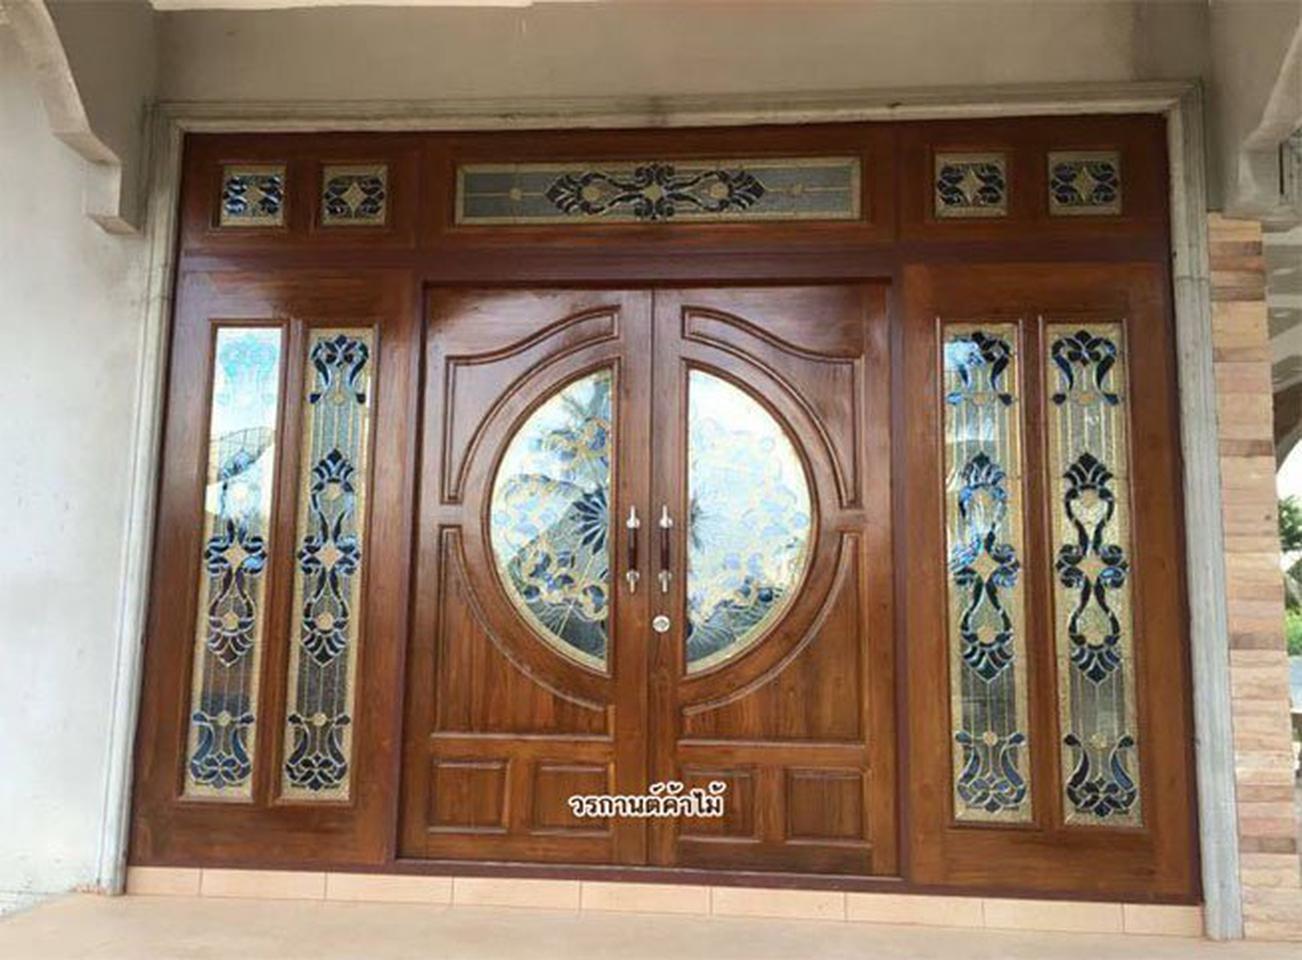 door-woodhome.comร้านวรกานต์ค้าไม้ จำหน่าย ประตูไม้สัก,ประตูไม้สักกระจกนิรภัย, หน้าต่างไม้สัก วงกบ ประตูไม้สักแพร่ รูปที่ 4